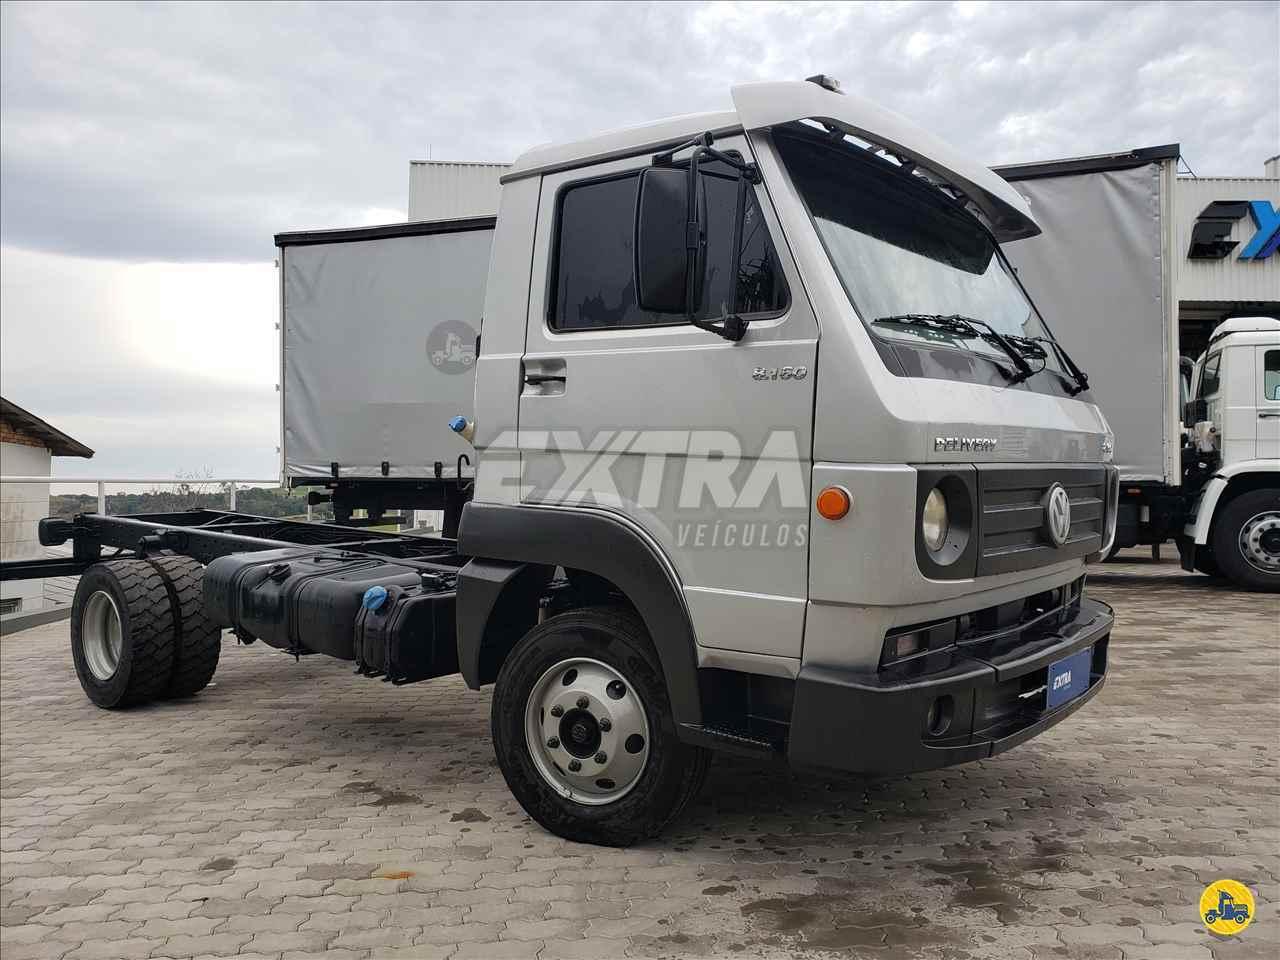 CAMINHAO VOLKSWAGEN DELIVERY EXPRESS Chassis 3/4 4x2 Extra Veículos CONCORDIA SANTA CATARINA SC